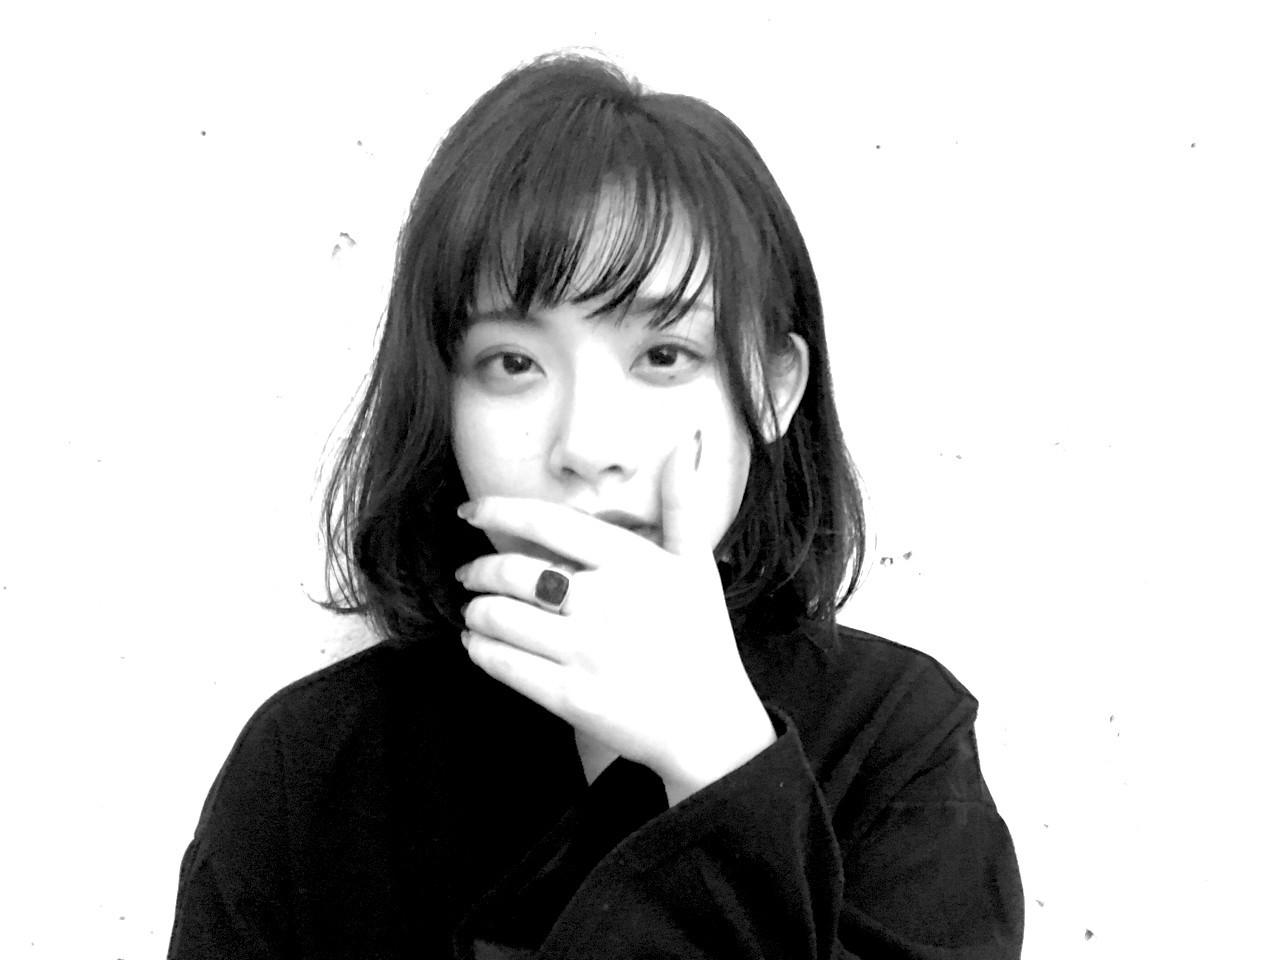 魅力的な黒髪美人に♡あなたの魅力を引き立てるヘアスタイル 長 賢太郎